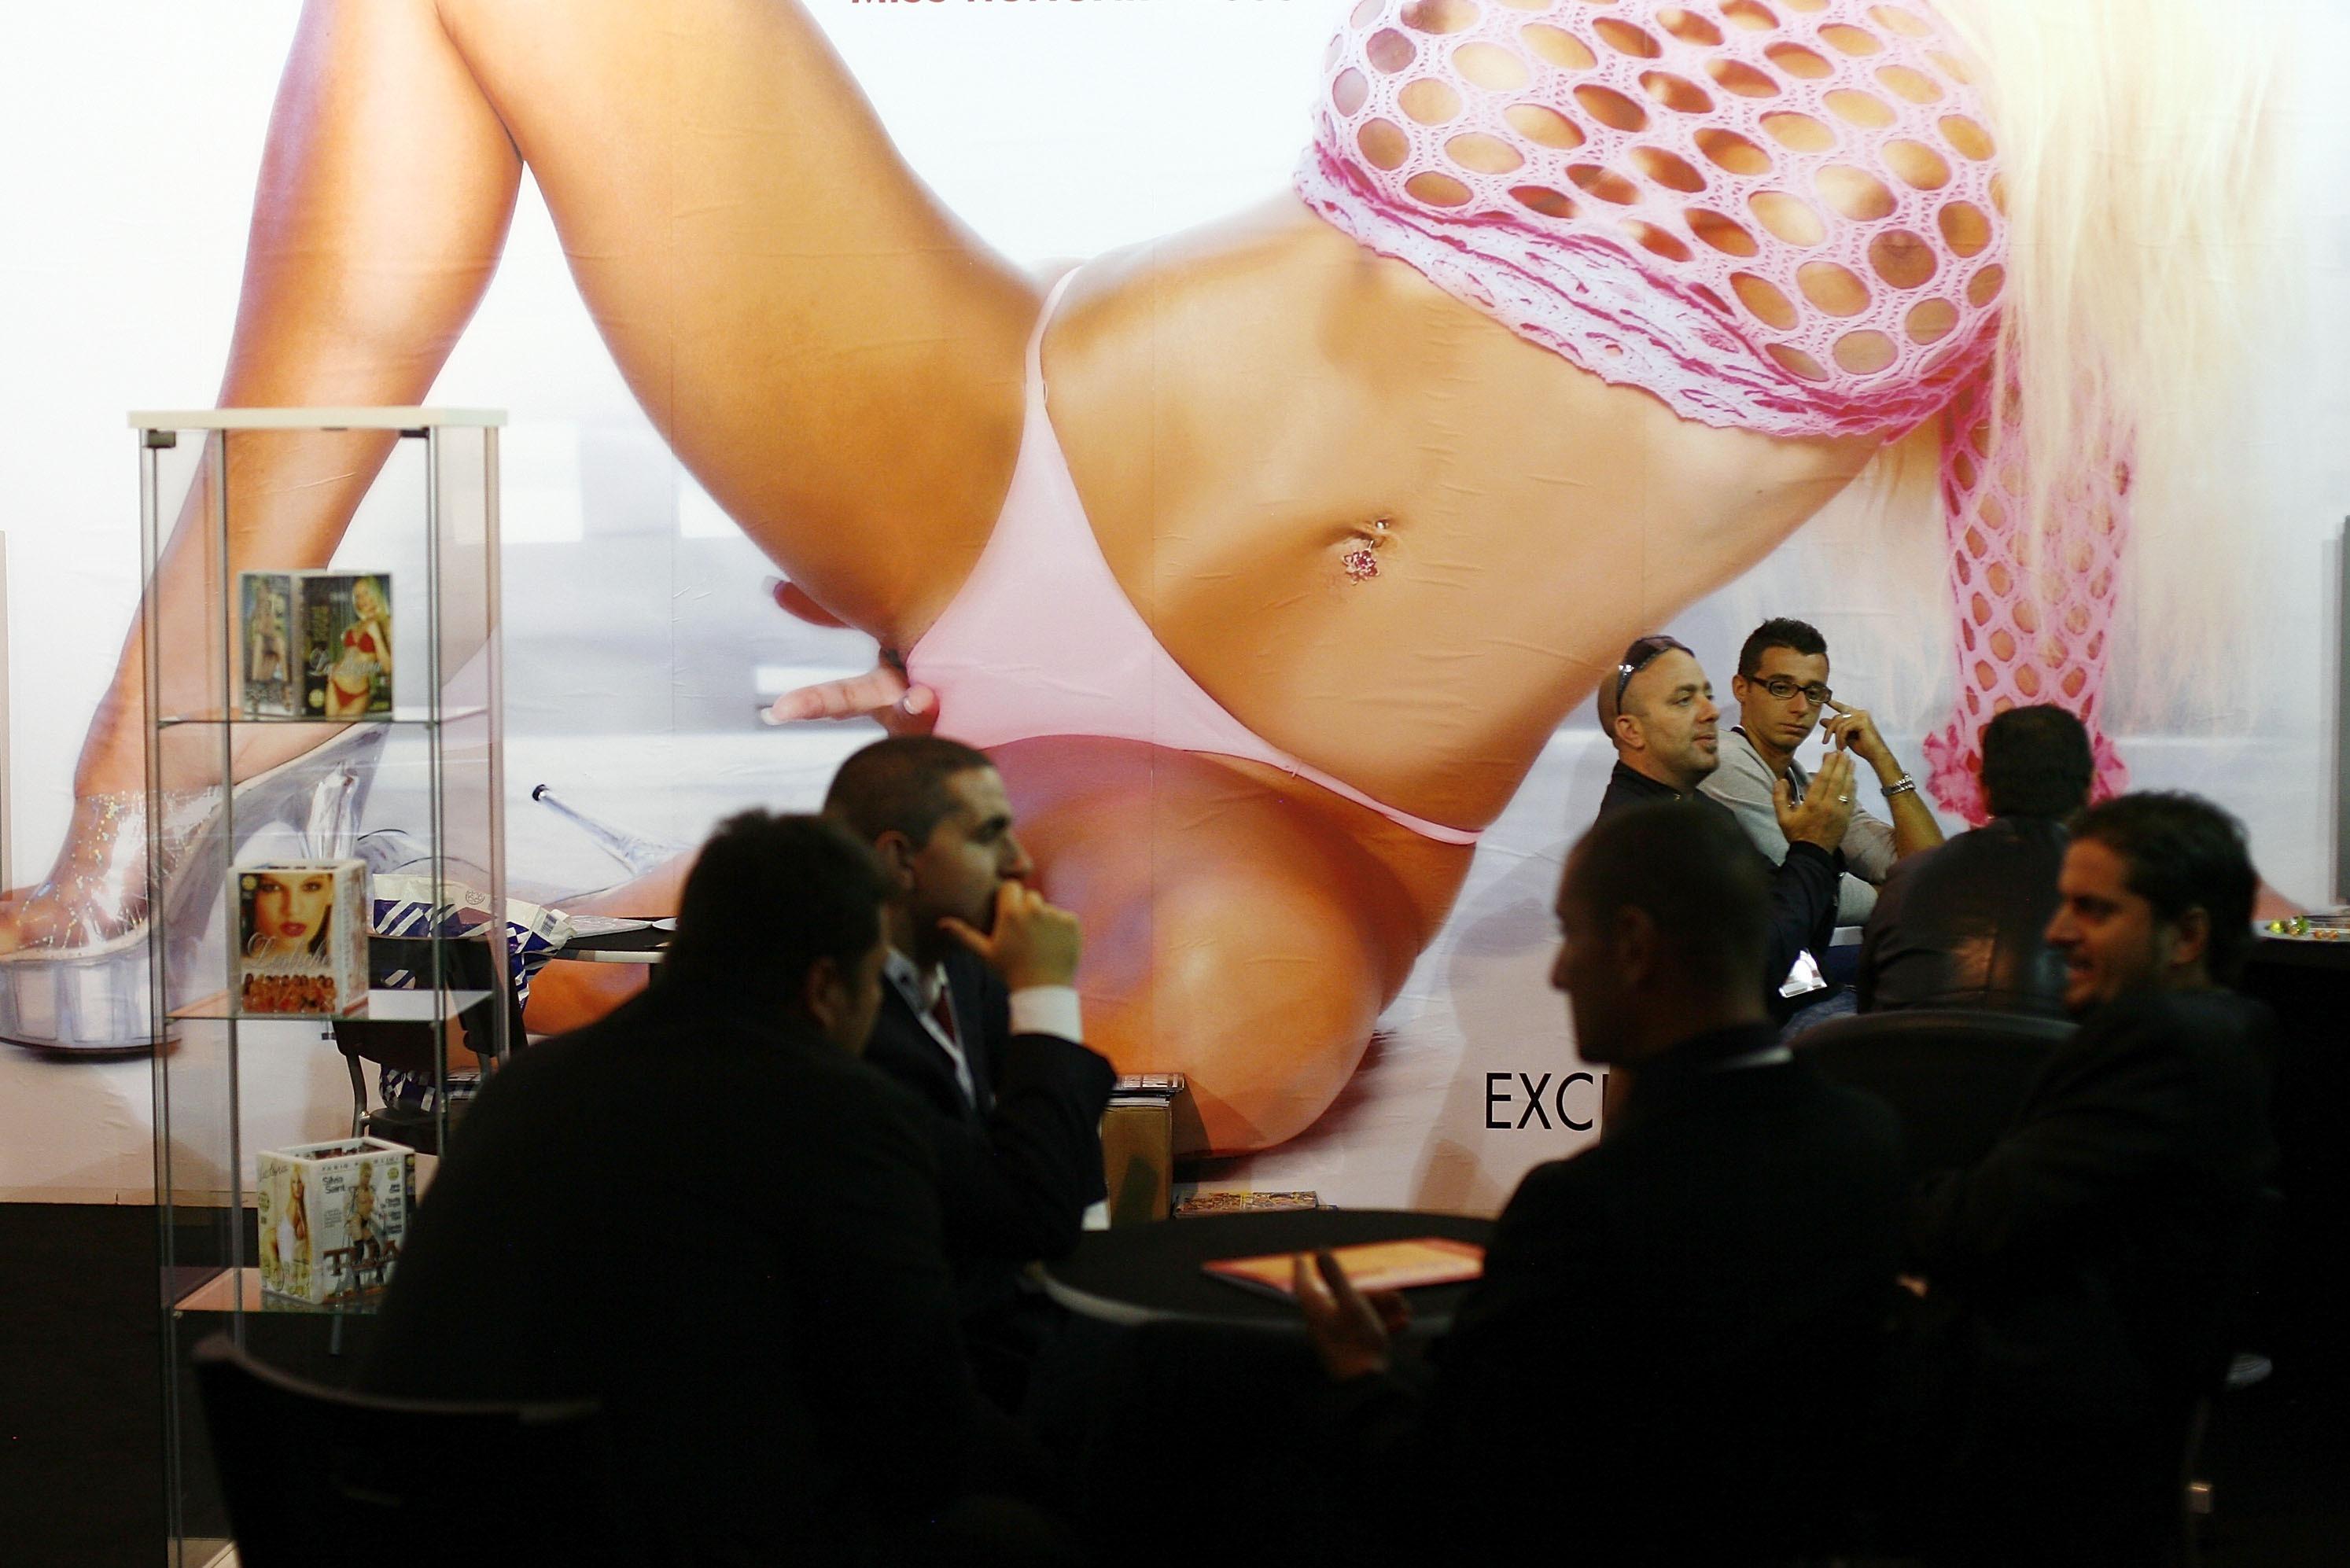 Erotic fairs events #2